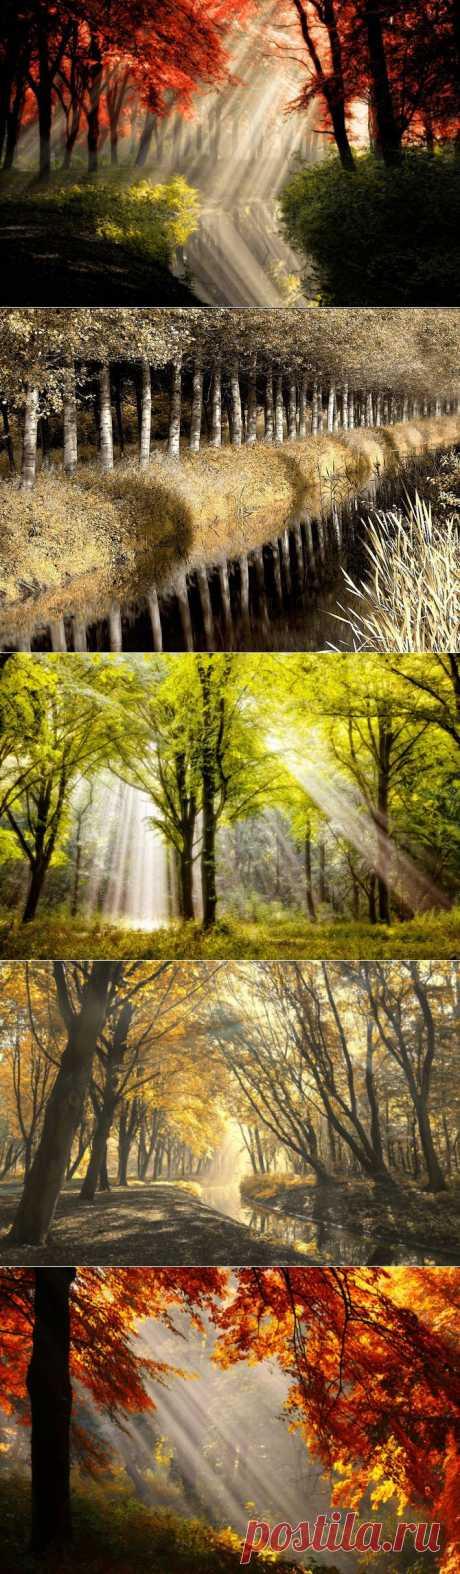 (+1) тема - Фотограф Ларс Ван де Гур. Золотая осень.   Искусство